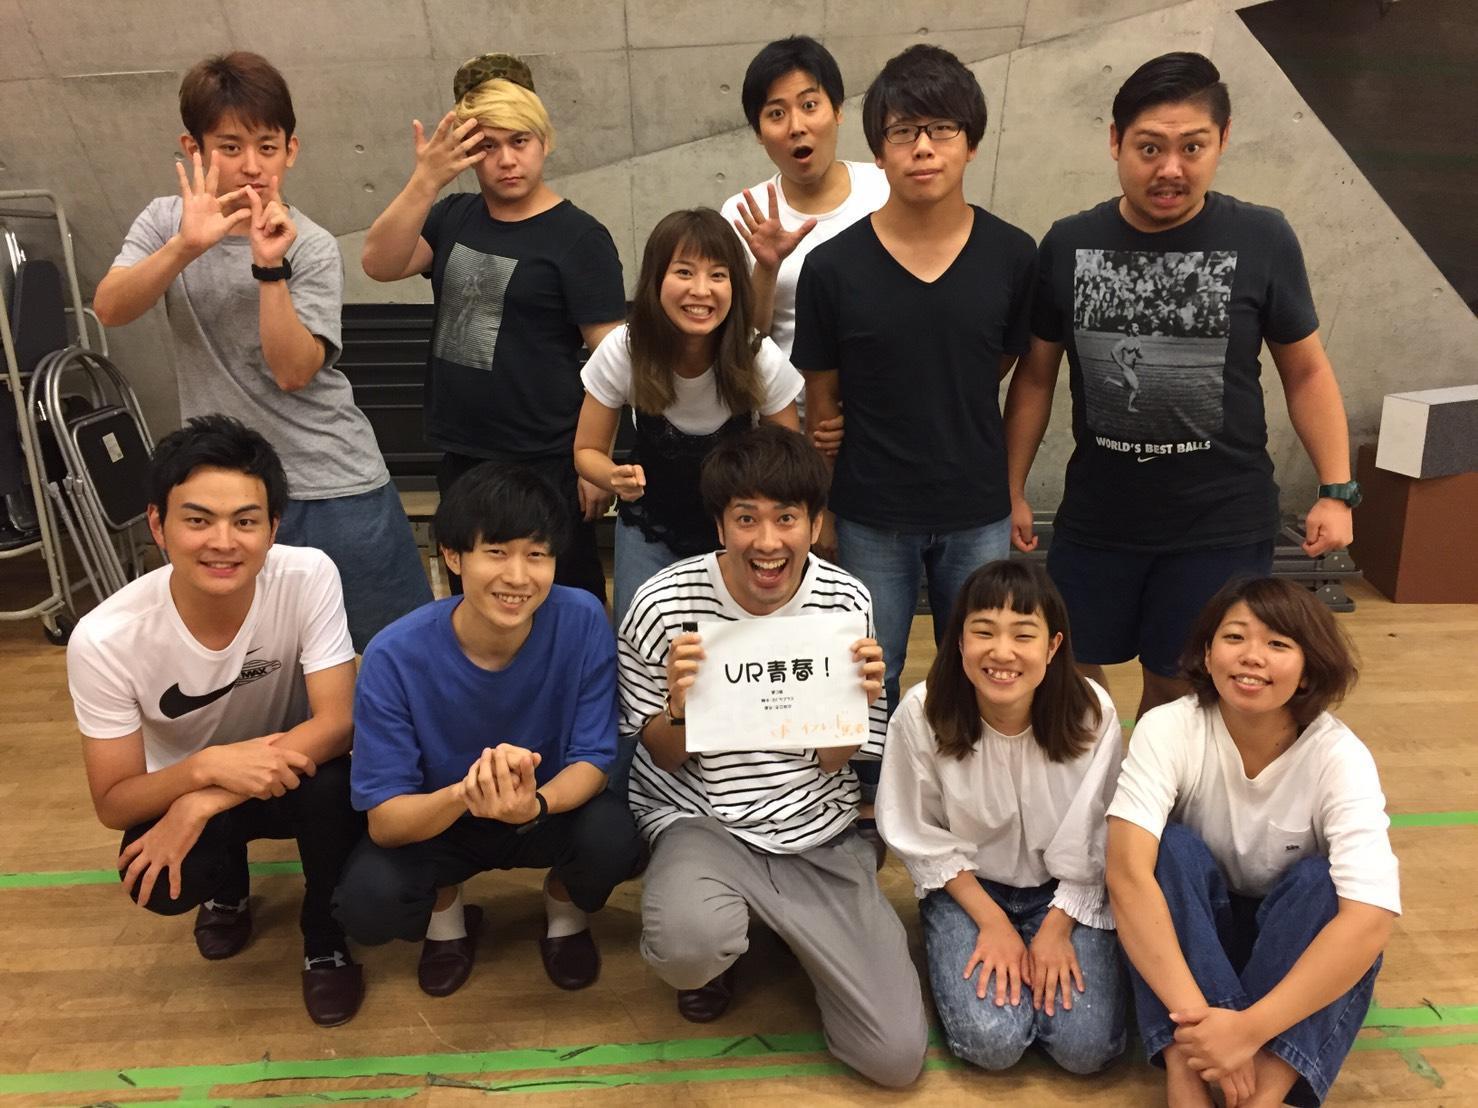 http://news.yoshimoto.co.jp/20170904171243-fd3e318491de2d4f1c04fbc1b5ded04c7166b8c3.jpg